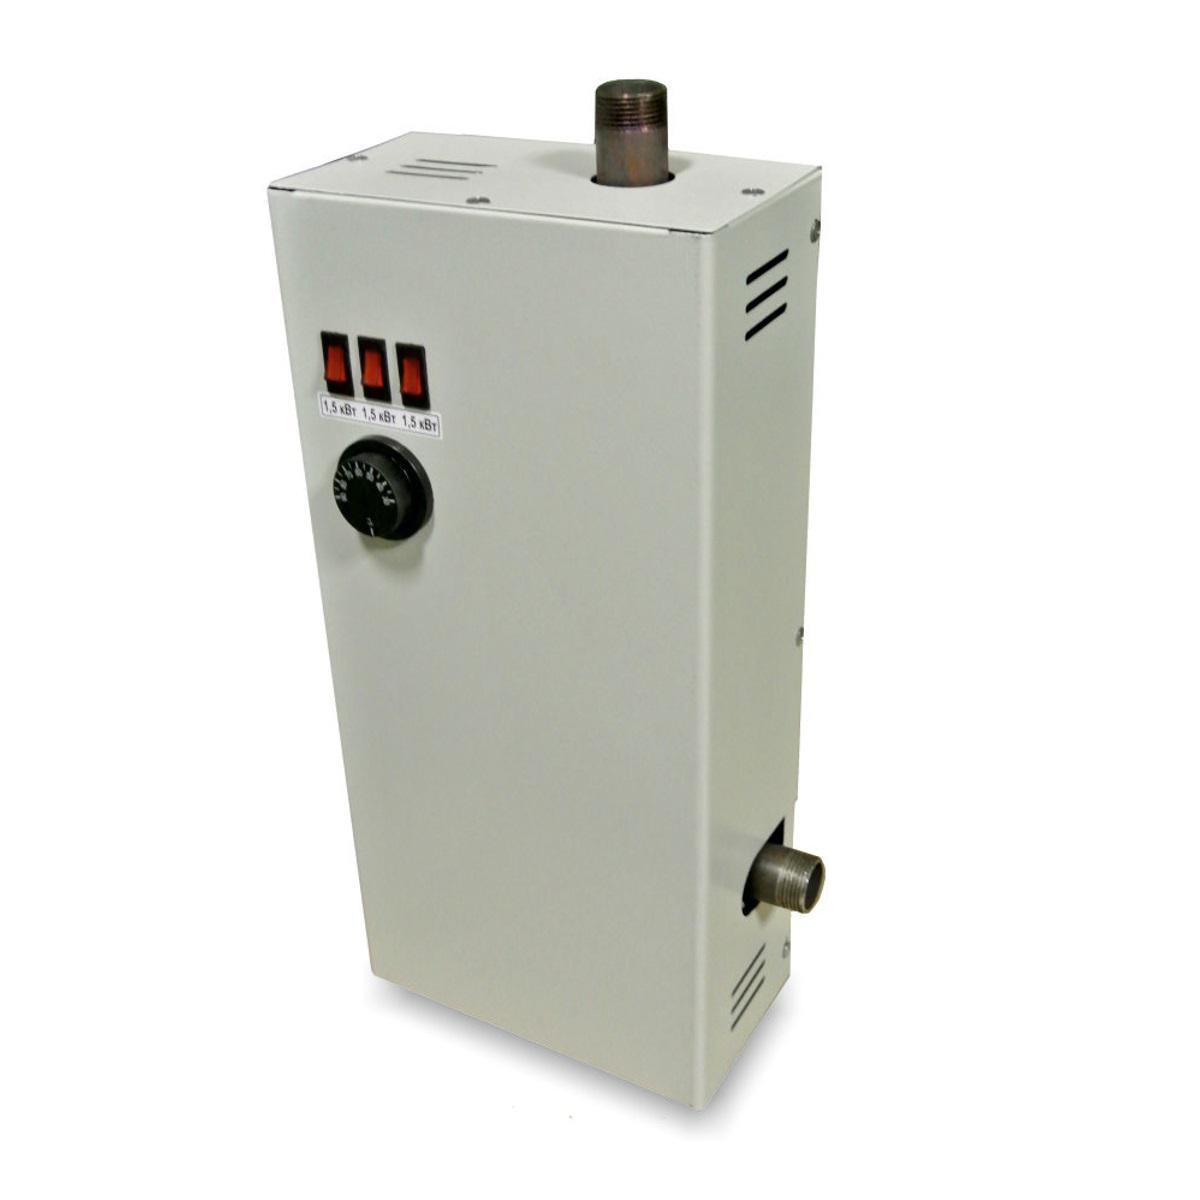 Электрический котел УРАЛПРОМ ЭВПМ-6кВт (380В) электрический котел savitr star lux 15квт 380в